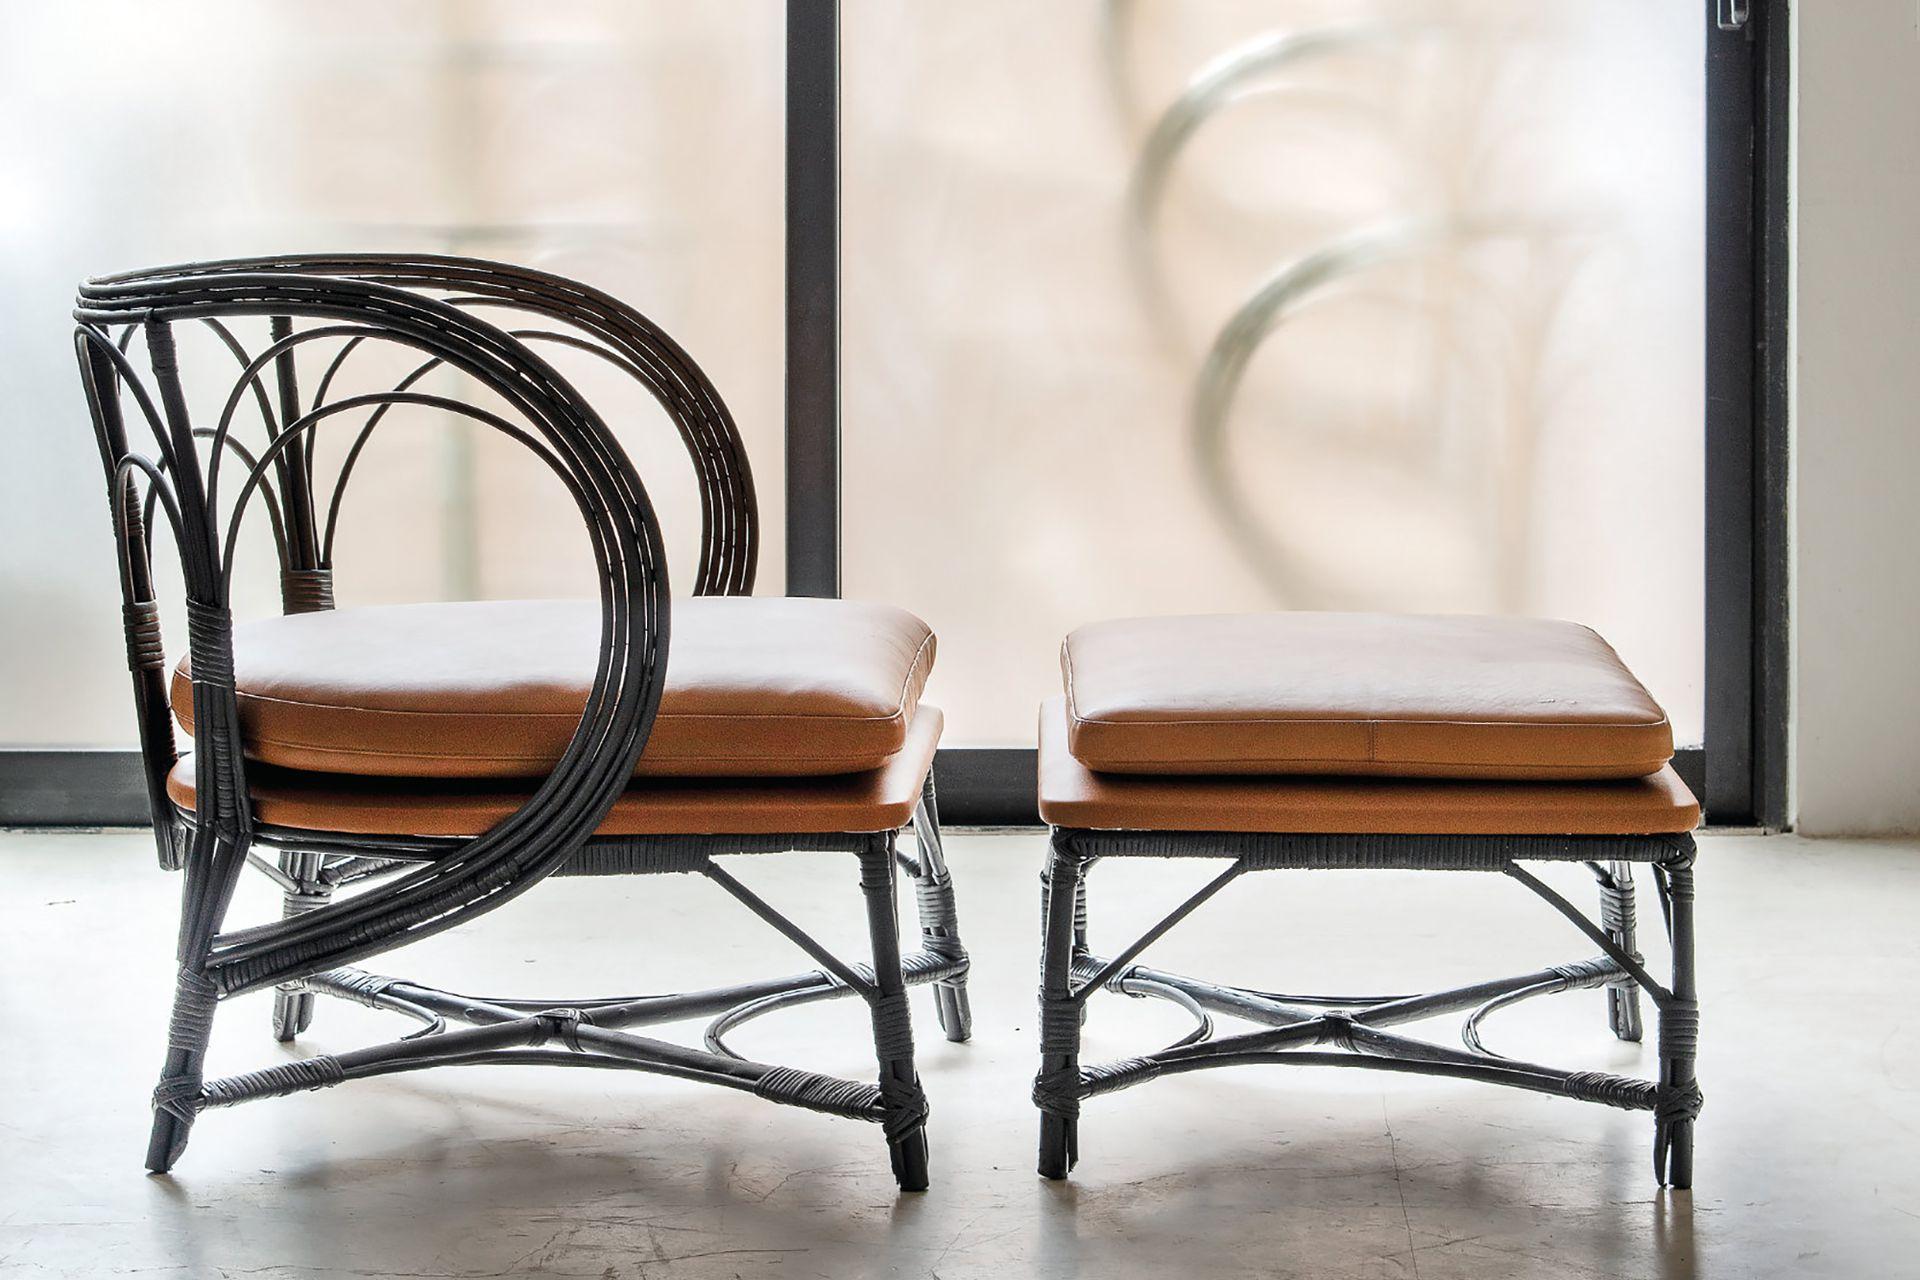 La versión urbana y contemporánea de la silla Mar del Plata refleja cabalmente la visión de Aldacour: diseñar objetos perdurables que mejoren la propia vida y la de los demás.